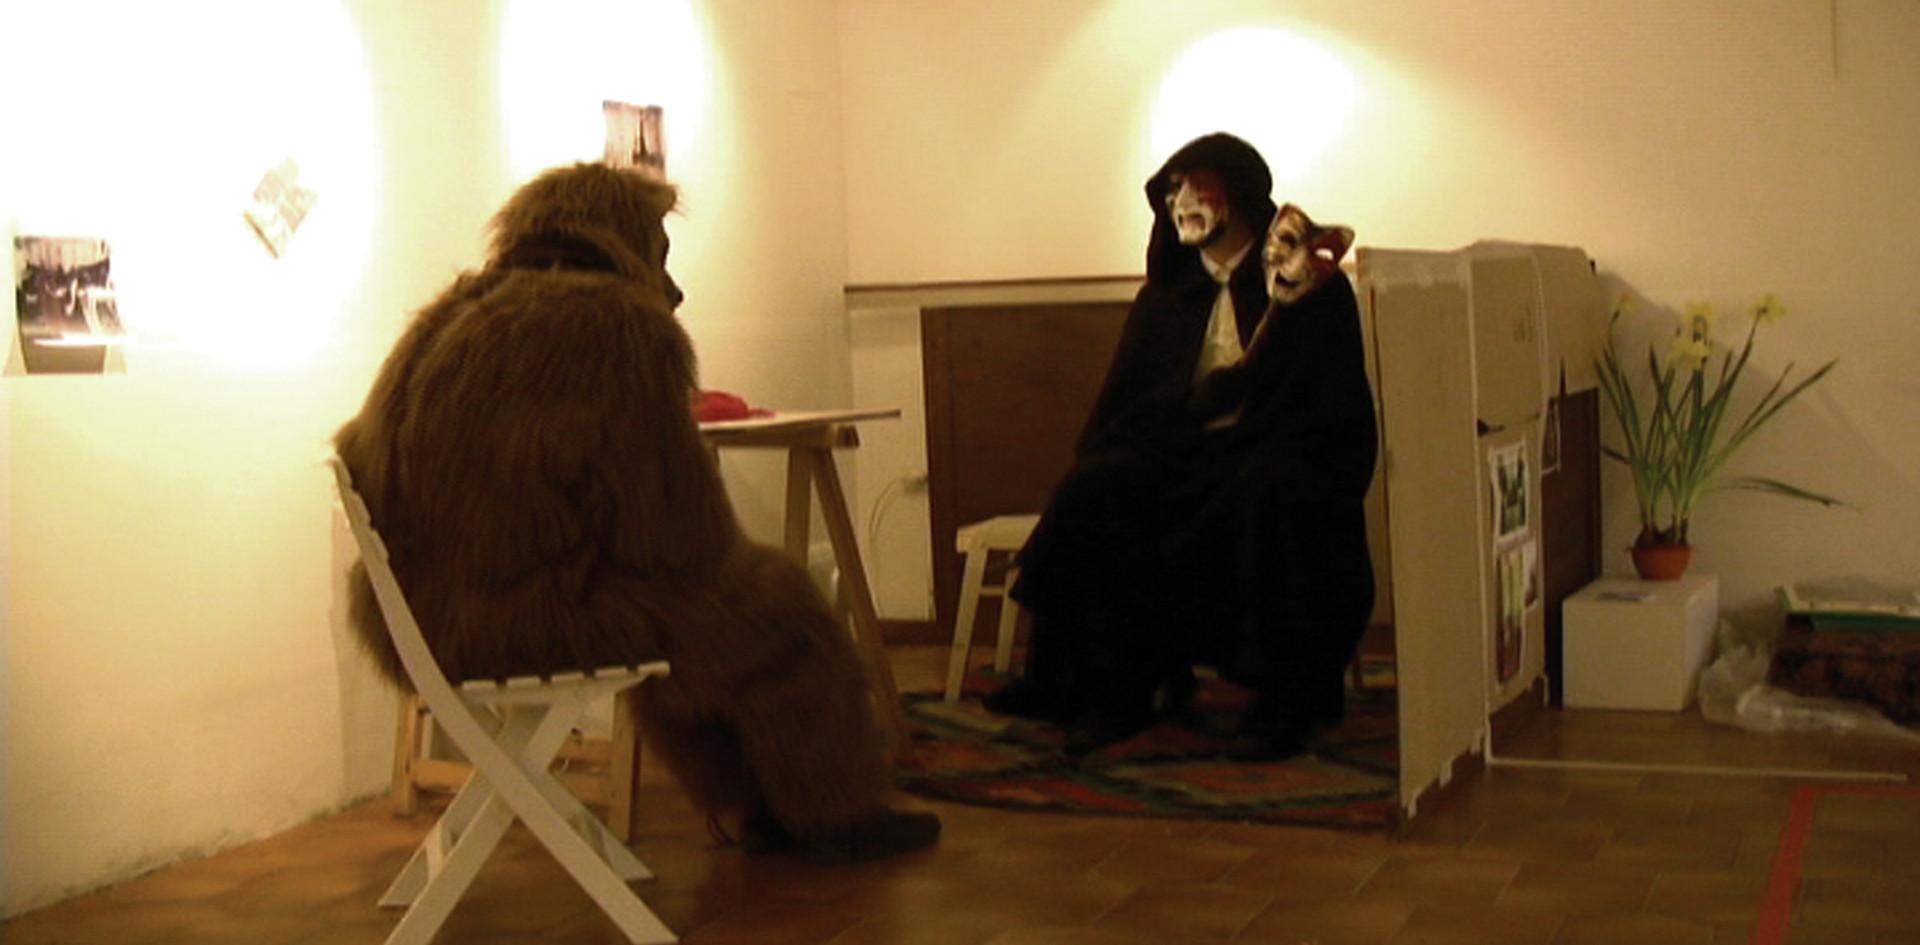 Mistery Man and Gustav the Bear